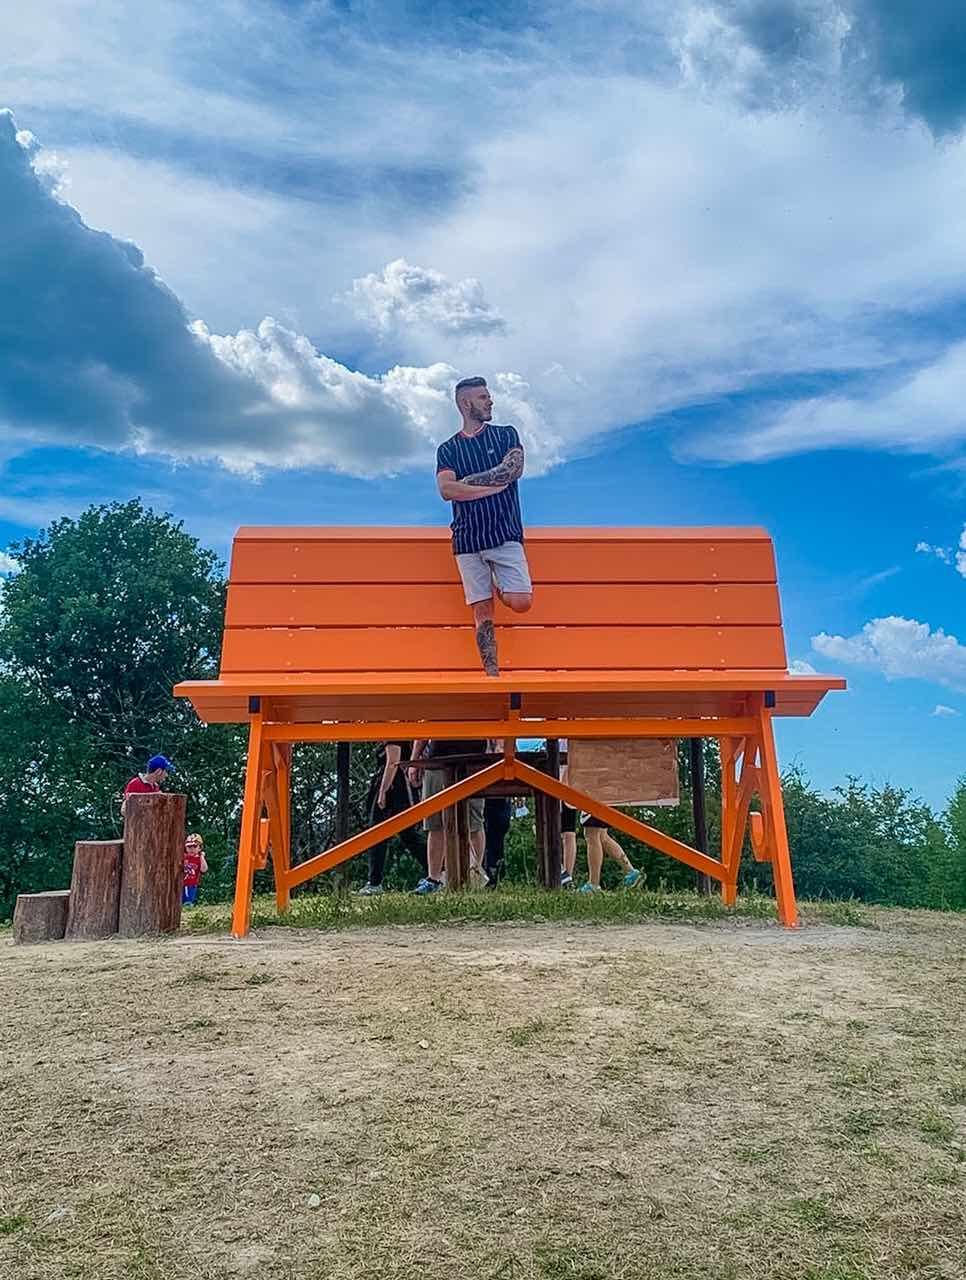 Panchine giganti a Reggio Emilia: dove si trovano e come raggiungerle